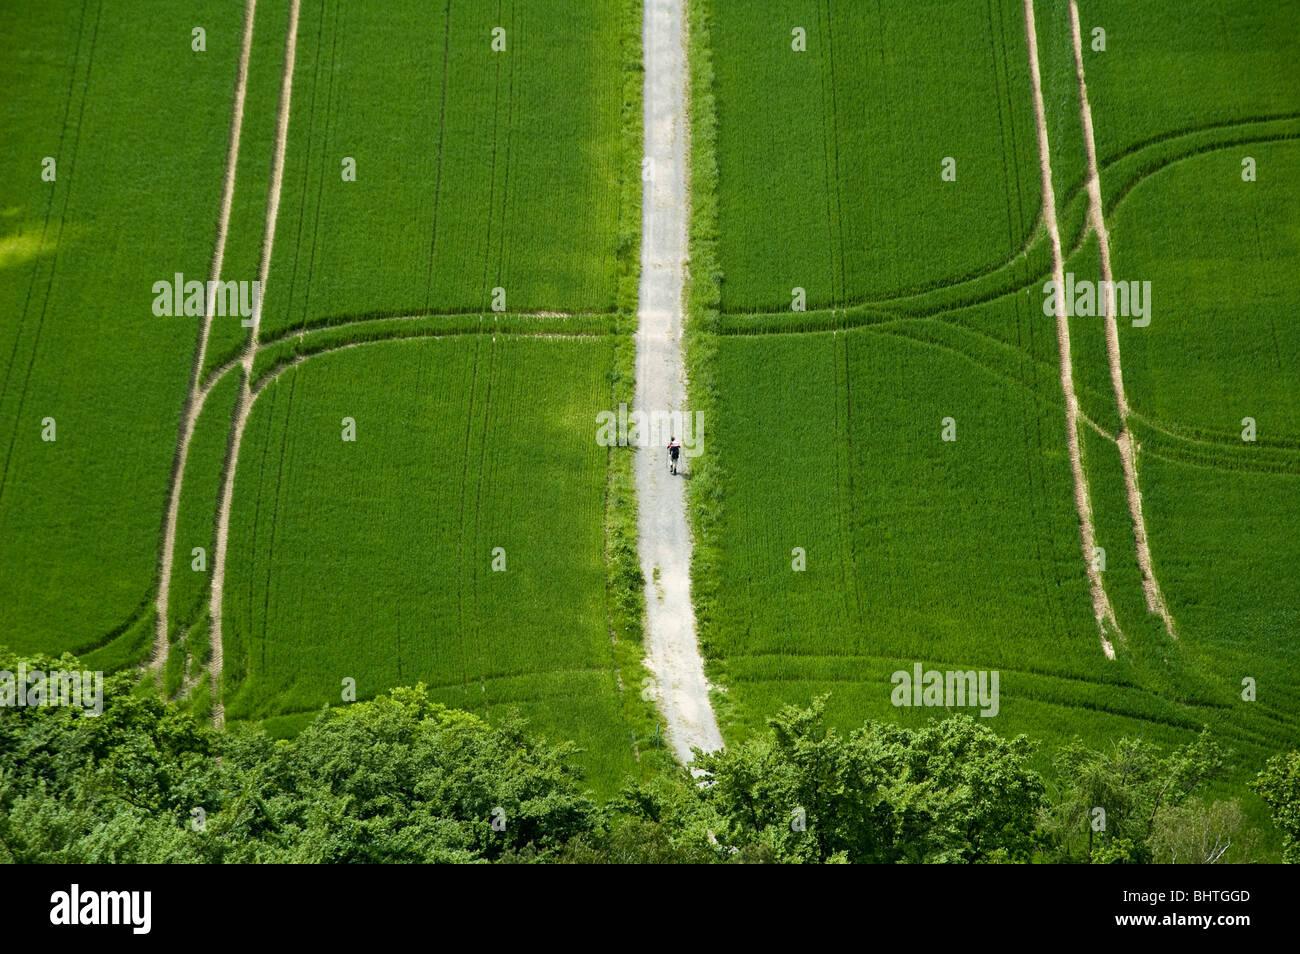 sehen Sie auf der grünen Wiese mit Tracks, Walker, Sachsen, Deutschland Stockbild